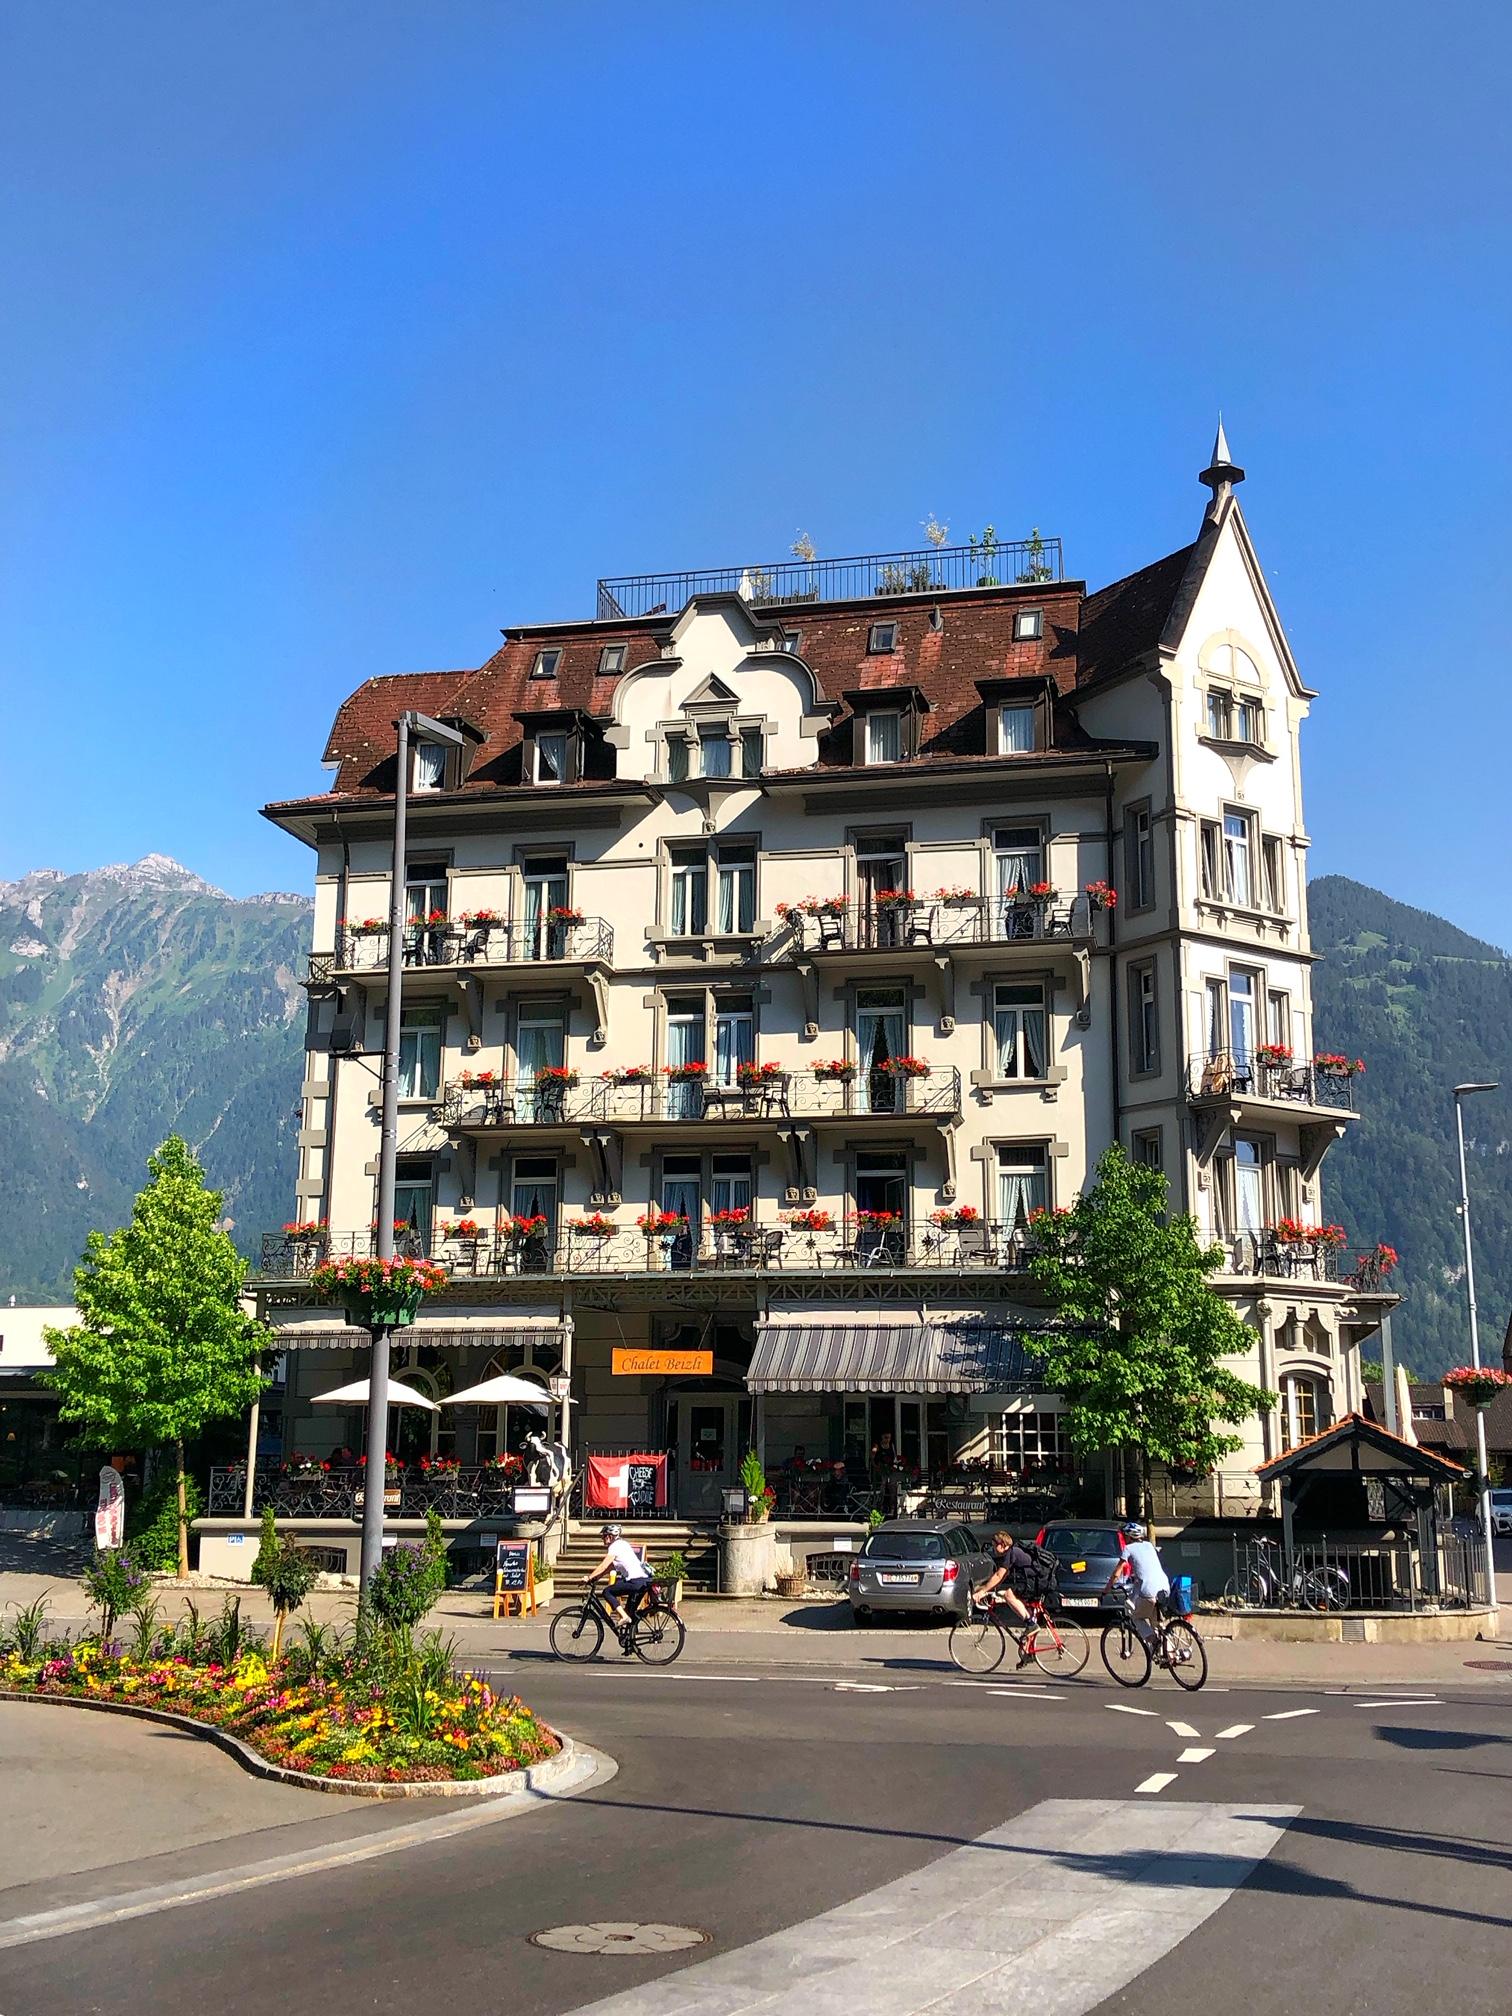 interlaken switzerland, the-alyst.com